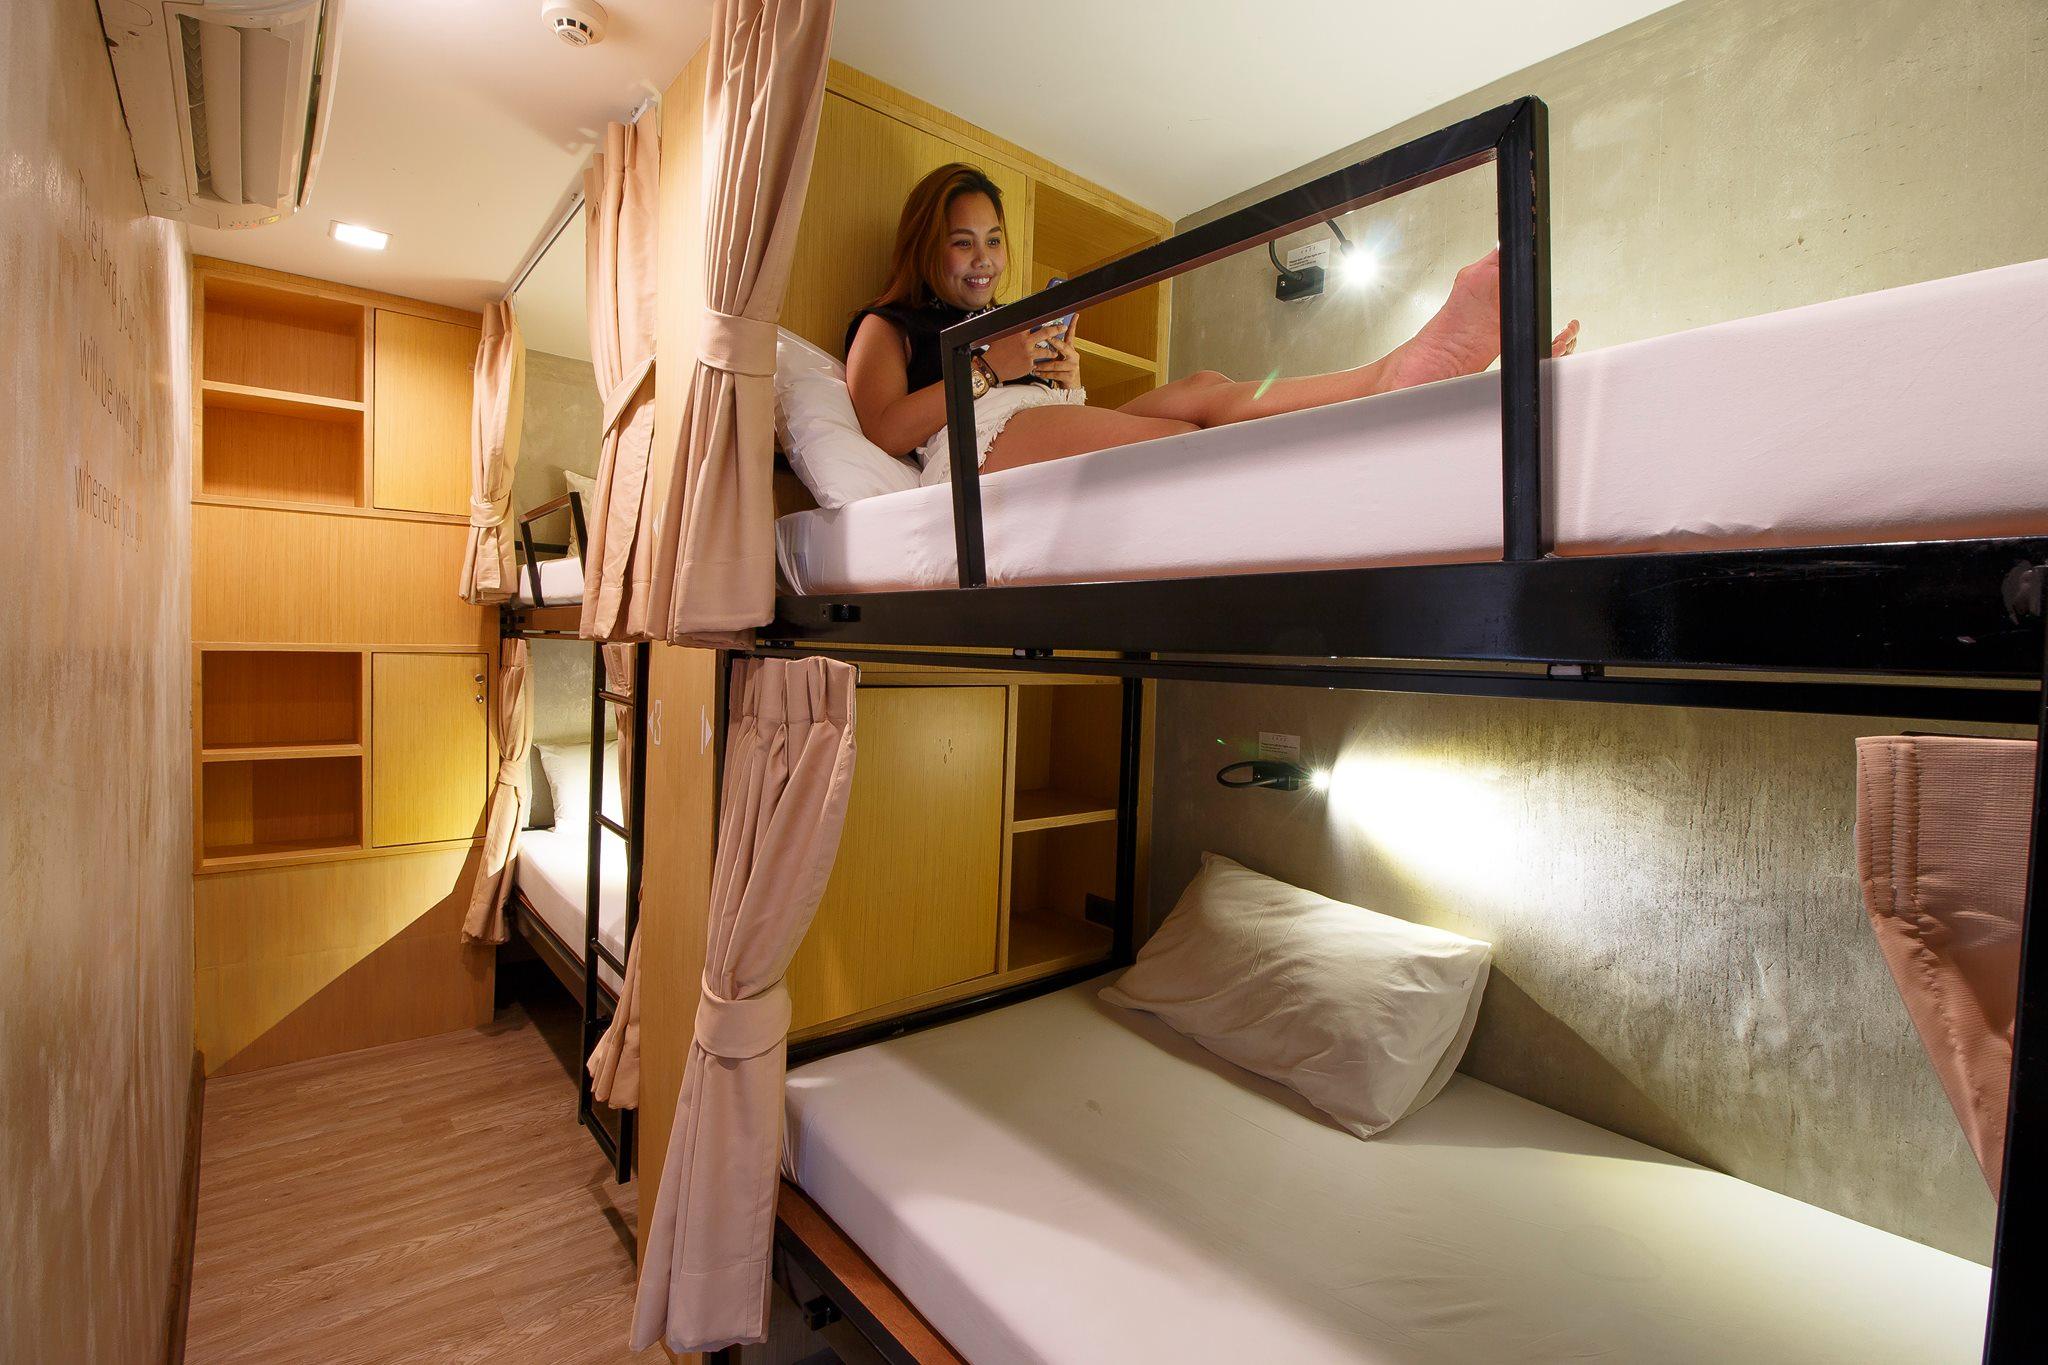 房間內部(圖片來源:Cazz hostel官網 http://cazzhostel.com/)